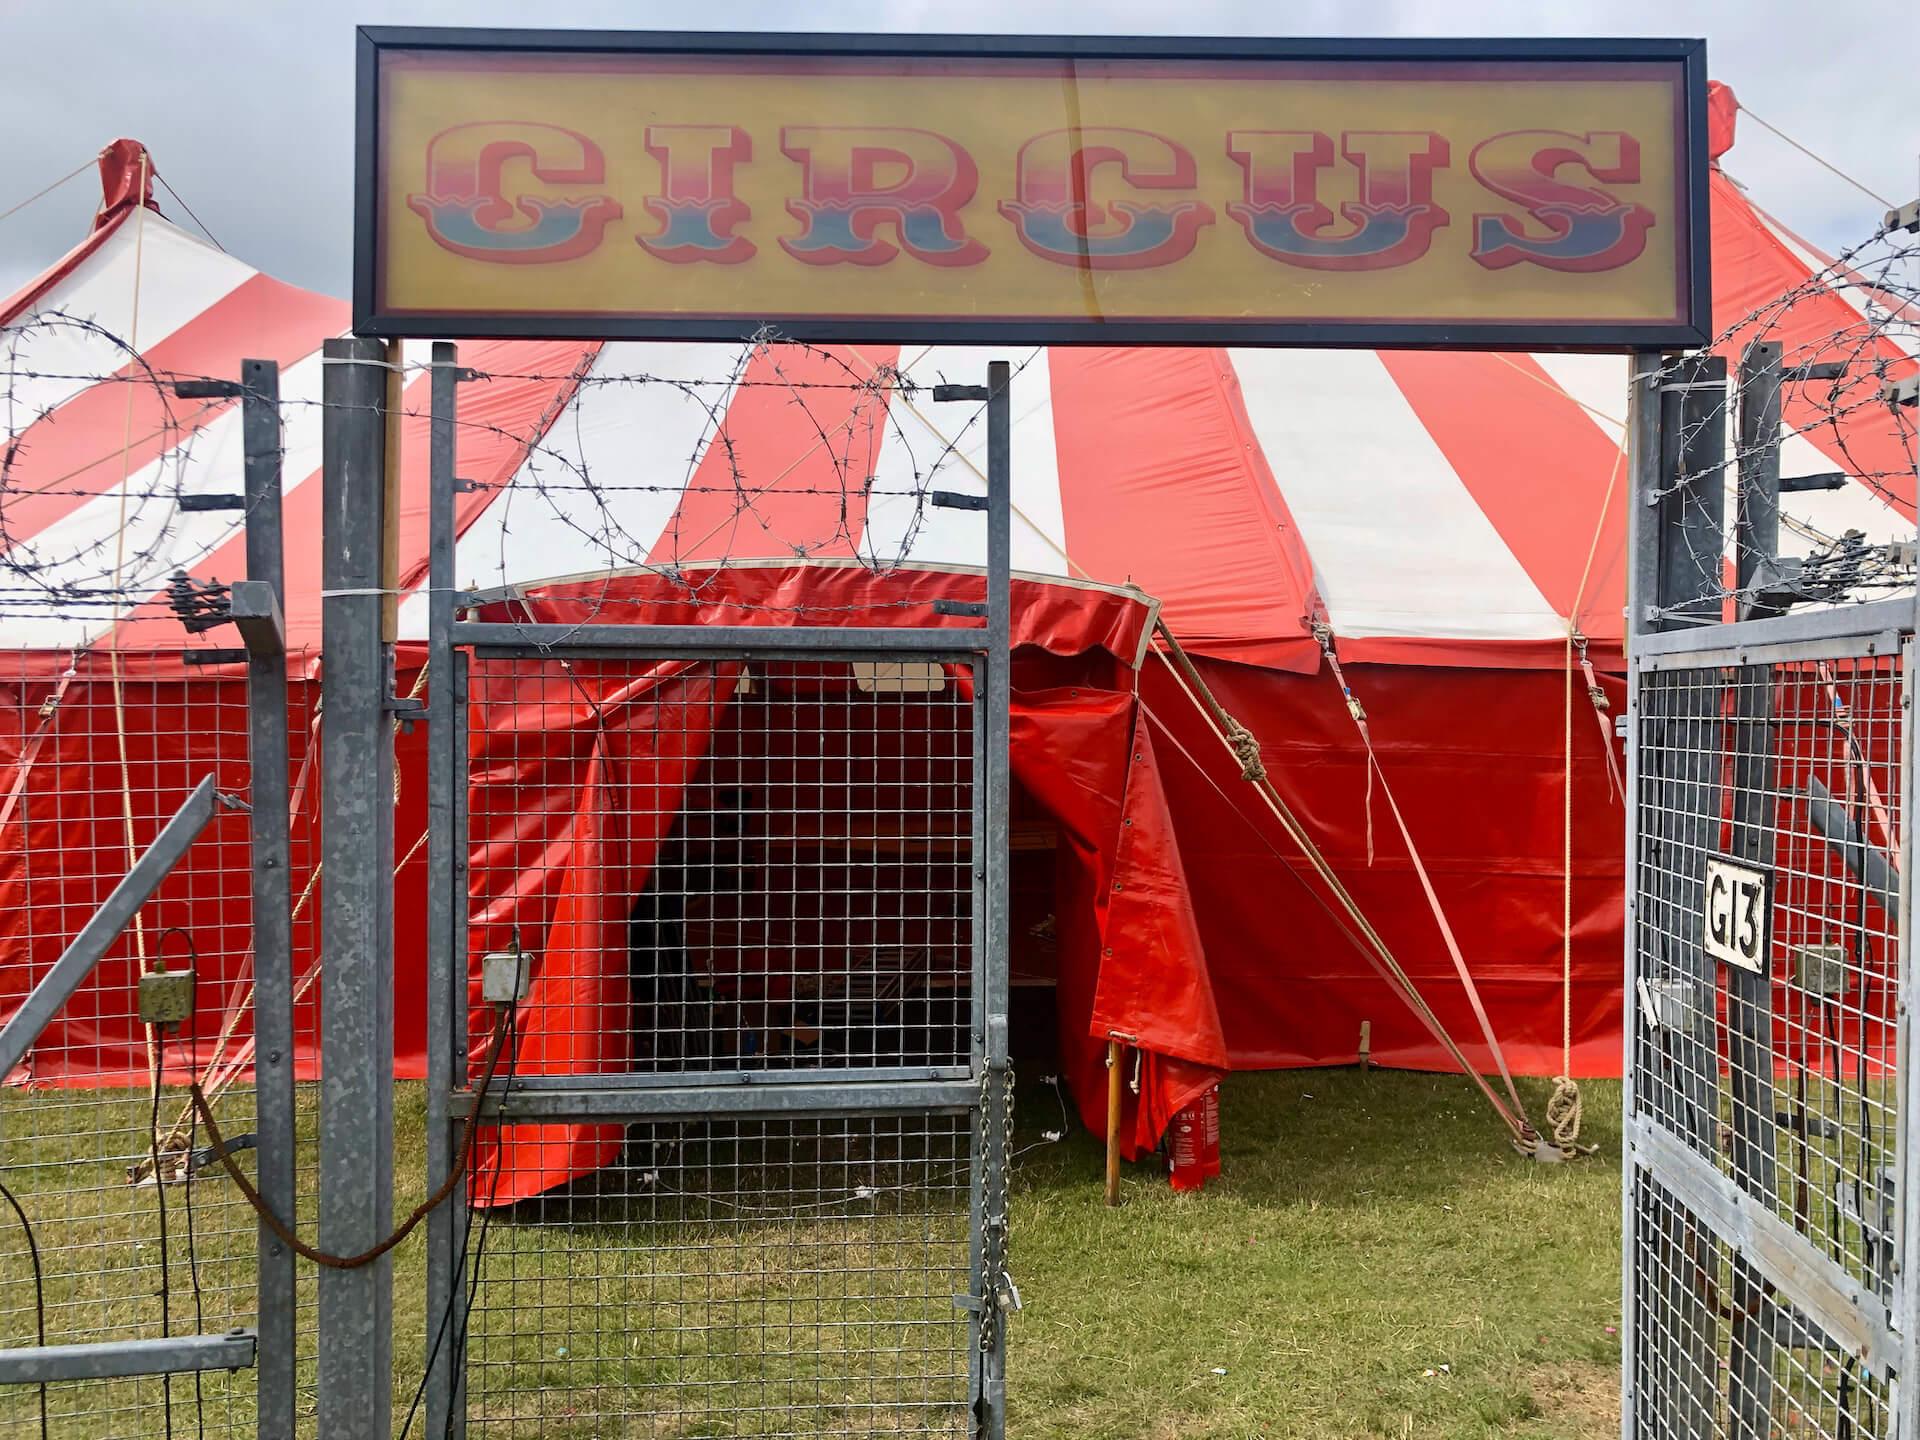 Circus show behind bars